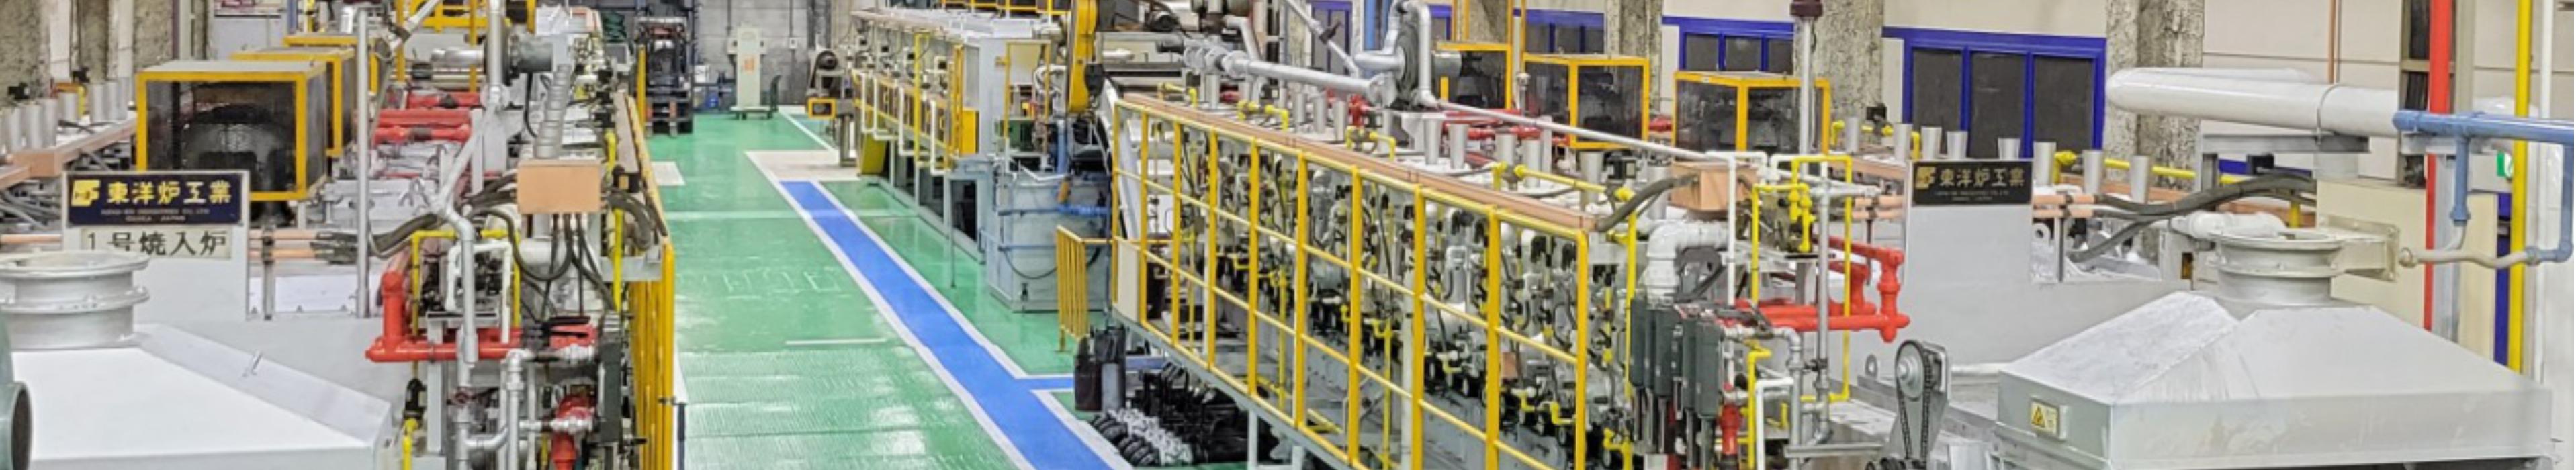 田中熱工株式会社 京都工場外観